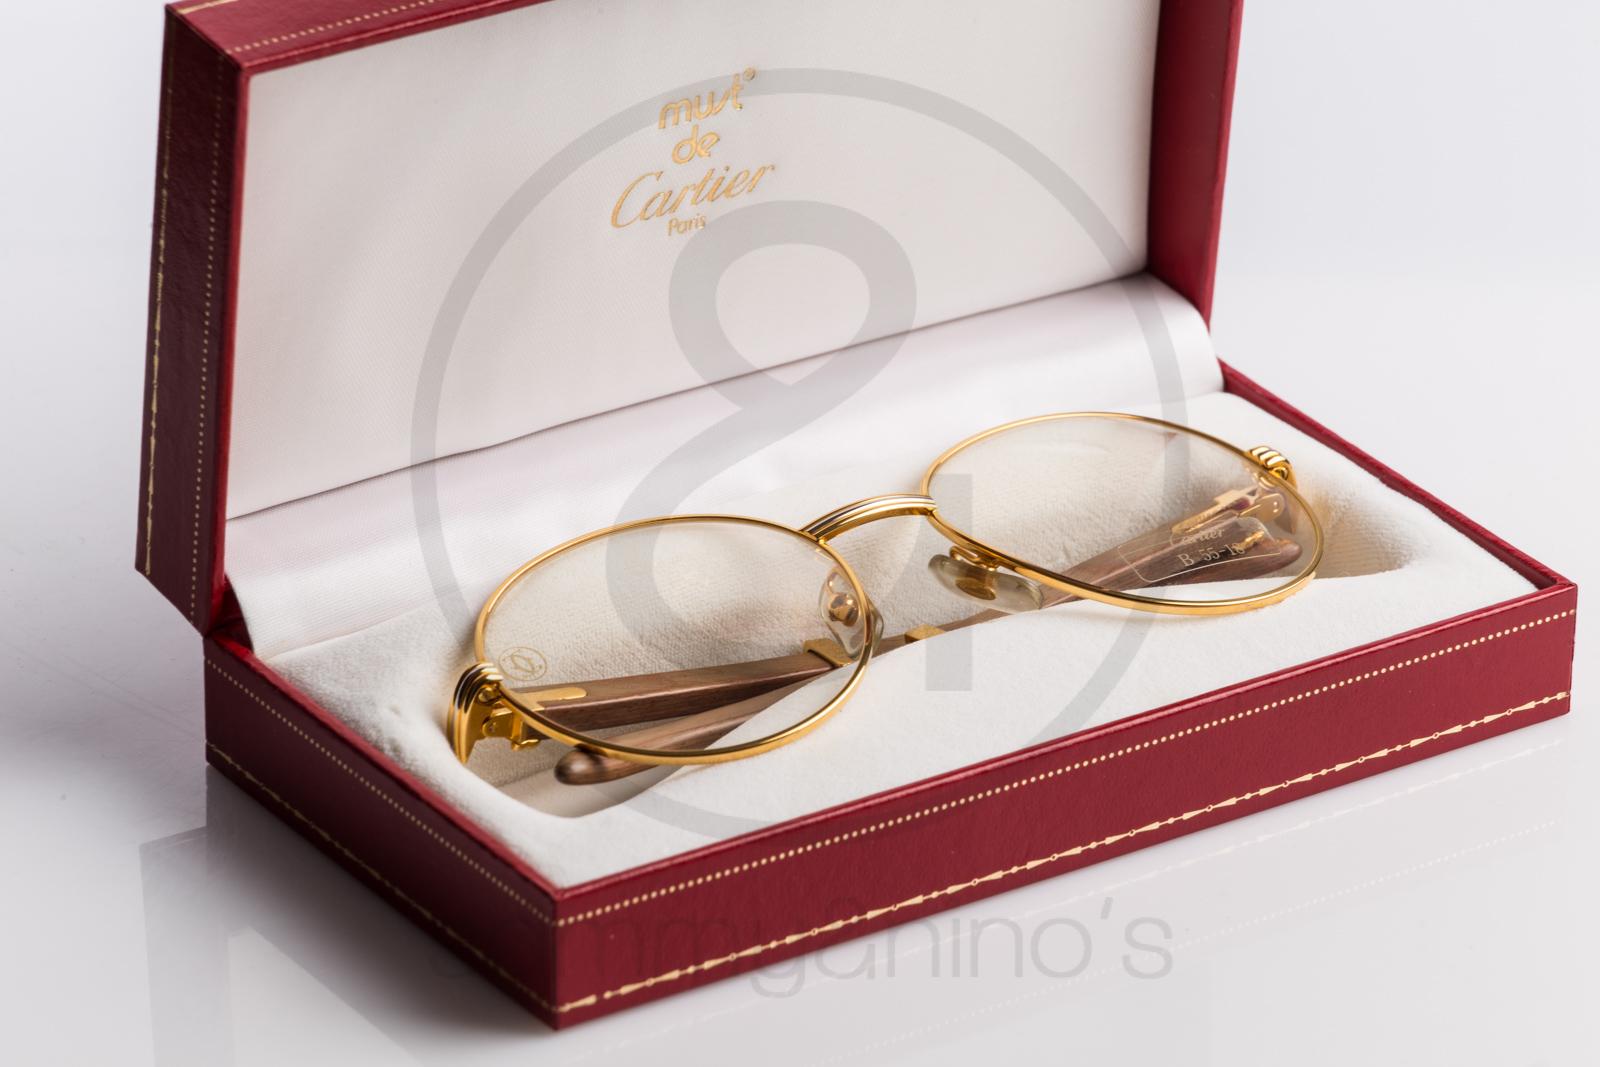 designer cartier vmot  Designer Cartier Rimmed Sunglasses-001